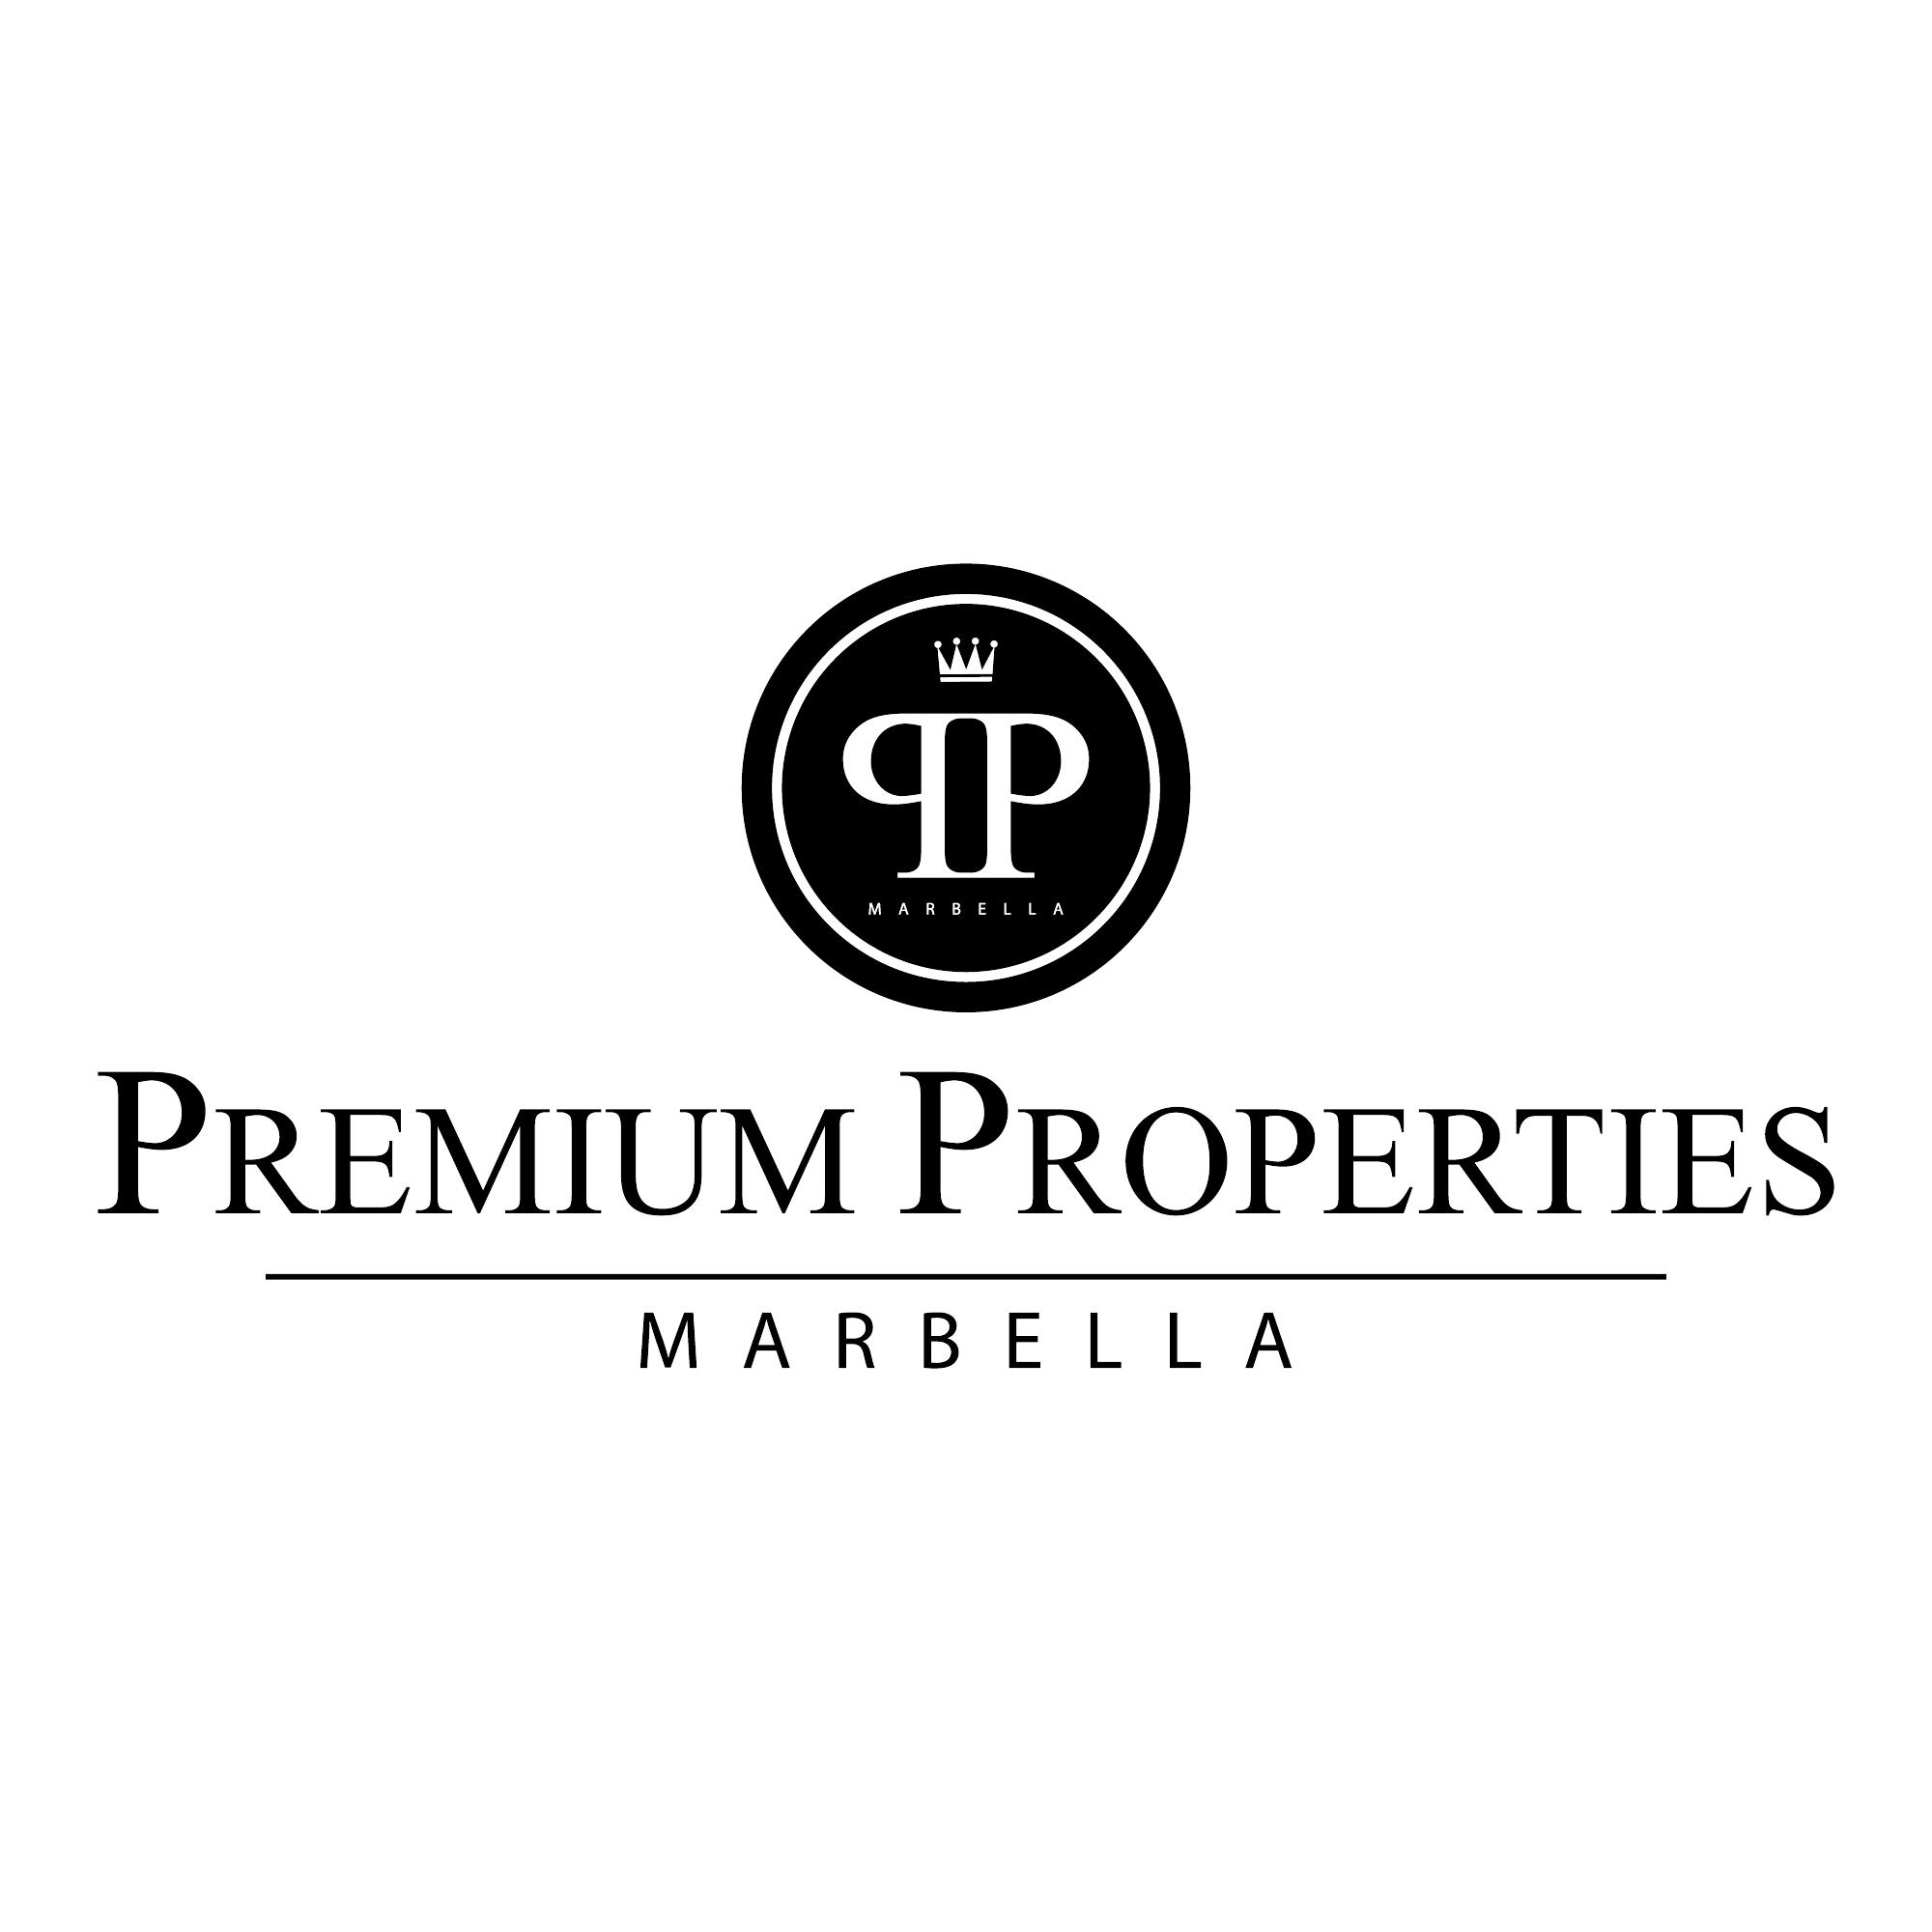 PREMIUM PROPERTIES MARBELLA logo